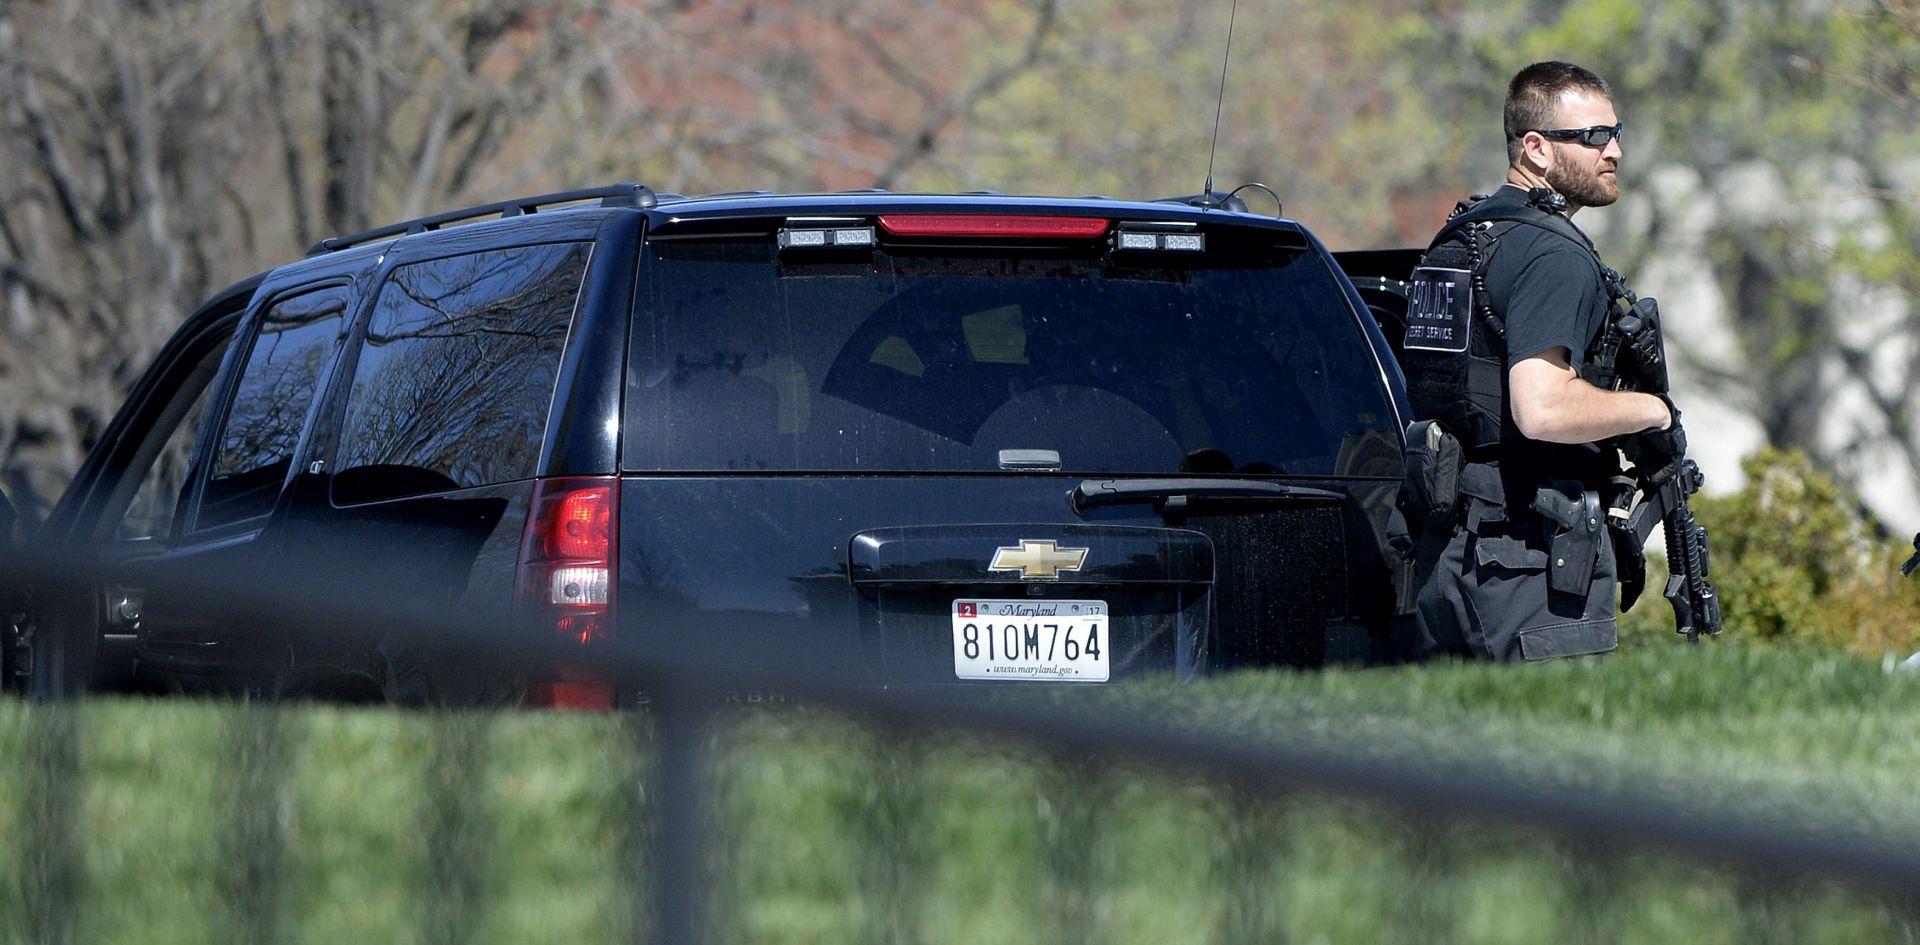 PUCNJAVA U SREDNJOJ ŠKOLI 18-godišnjak ranio dvoje učenika koji su odlazili s maturalne zabave, ubili ga policajci